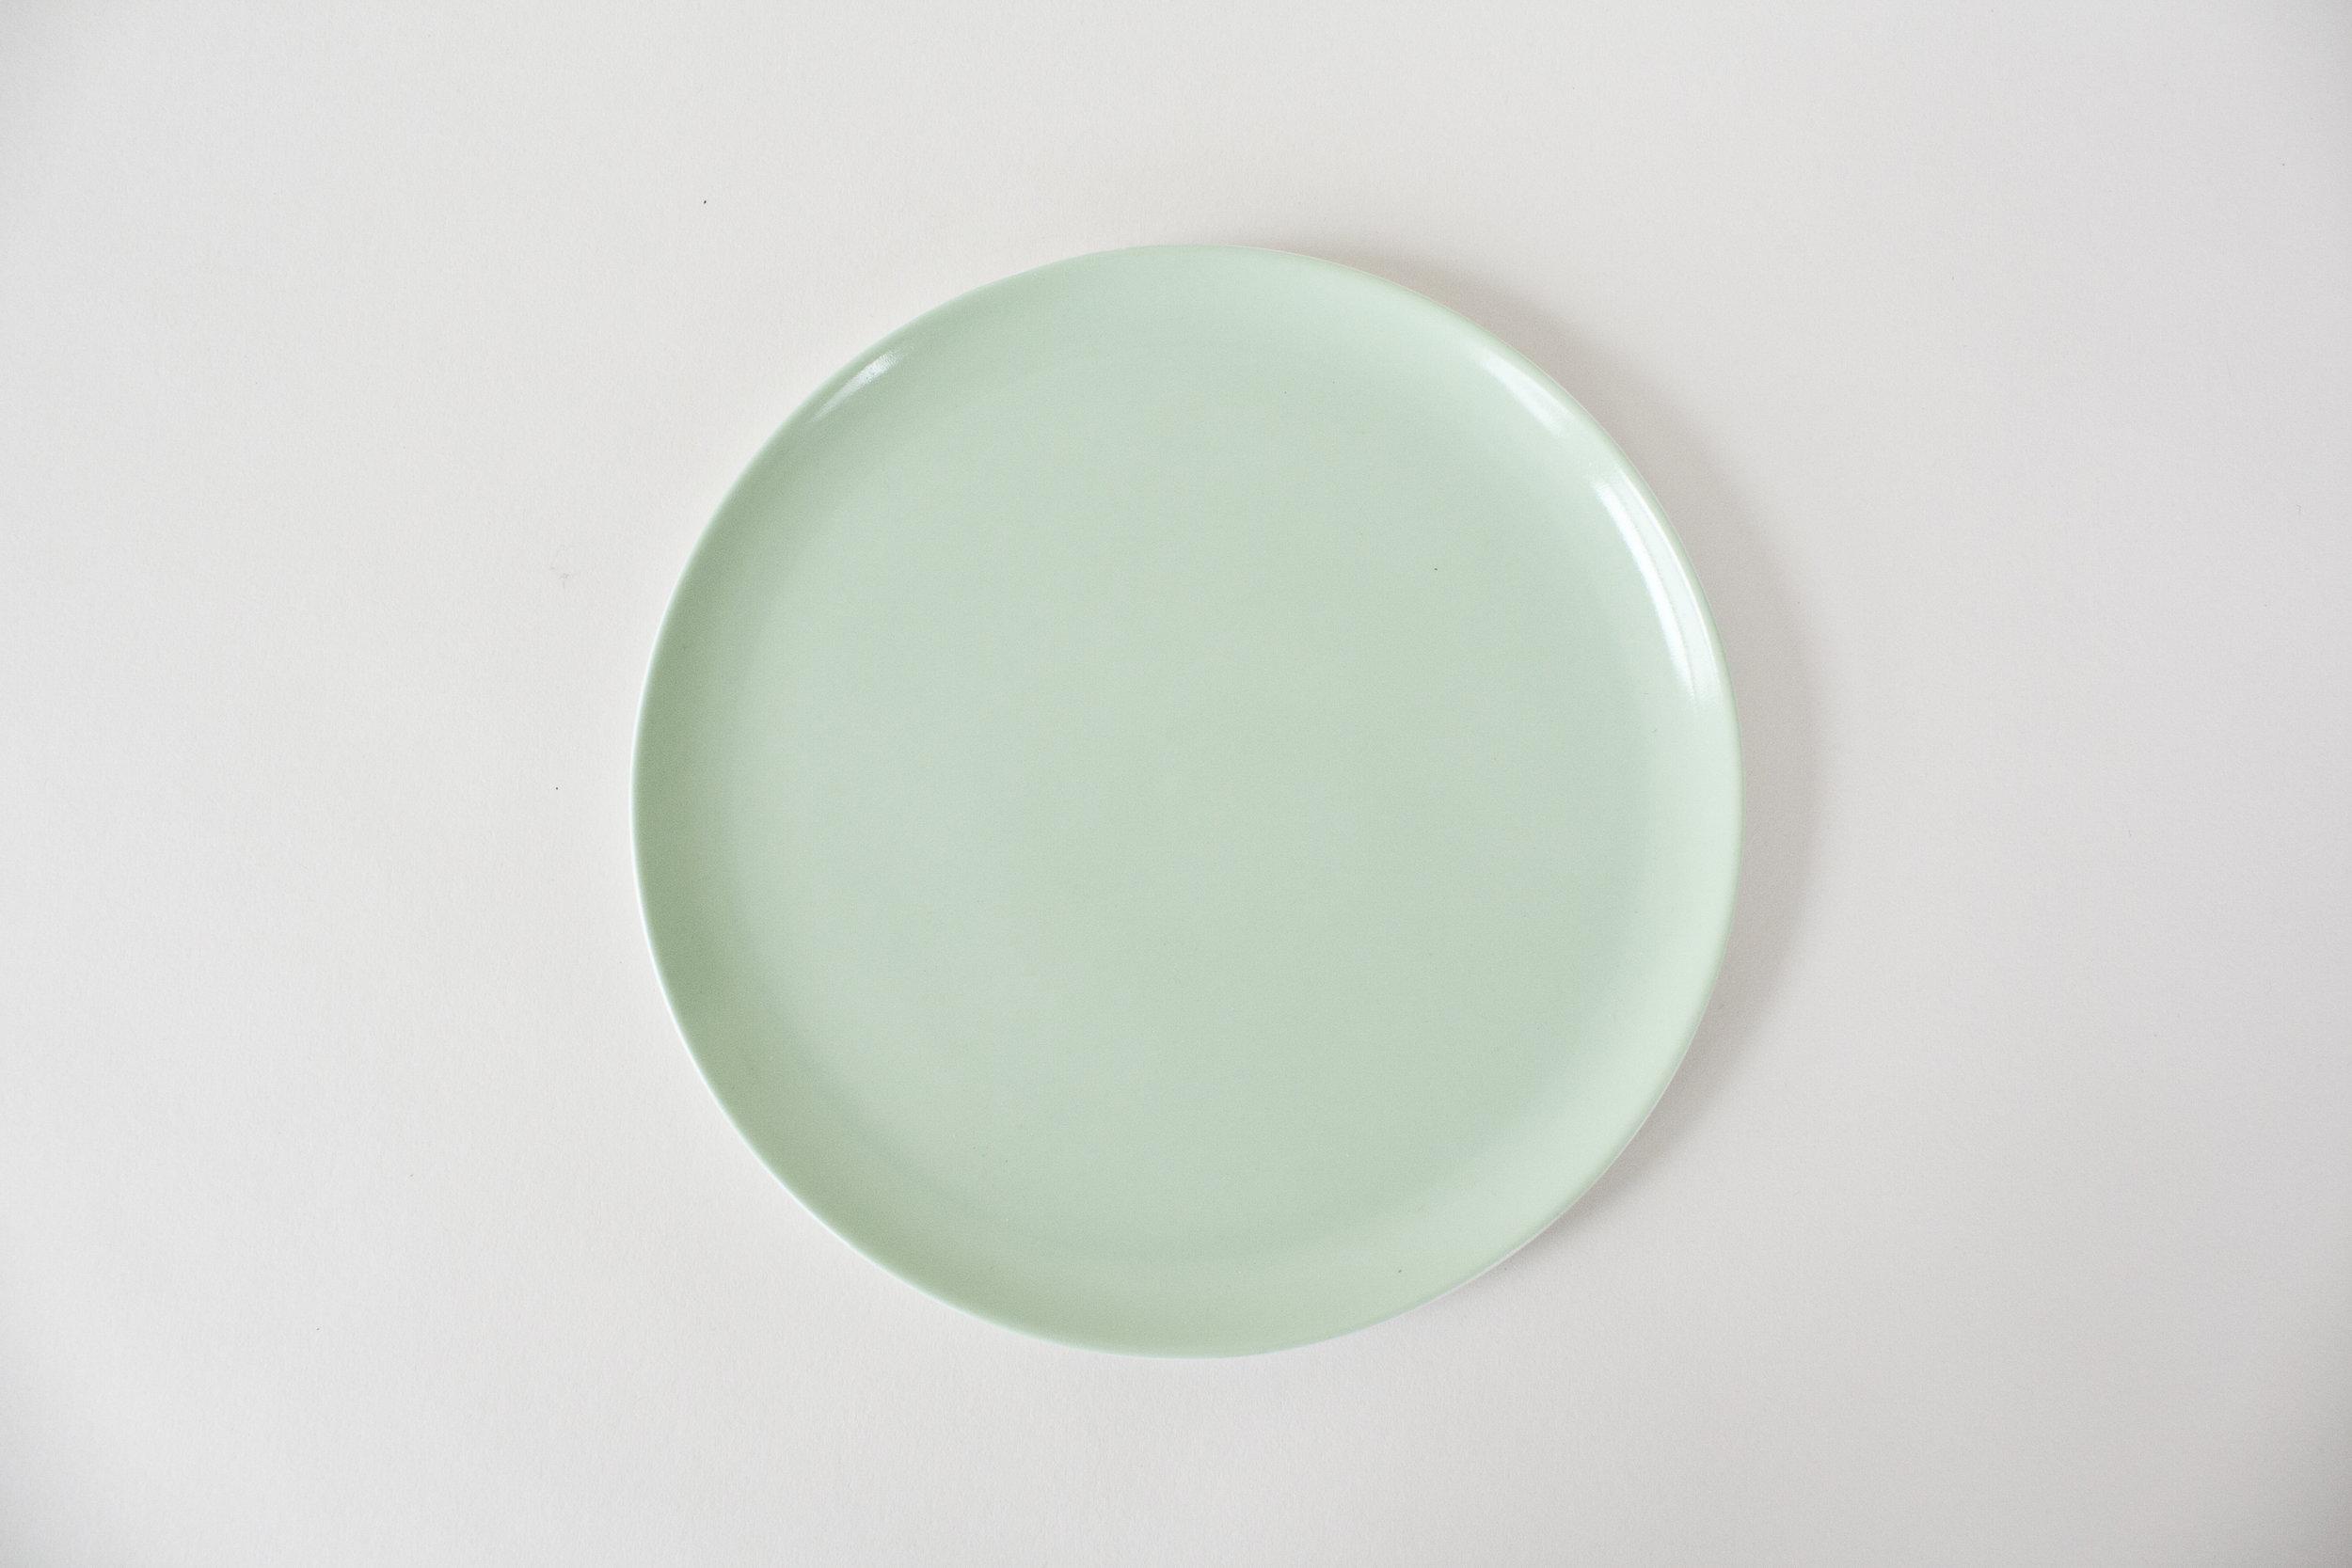 75. mint green salad plate